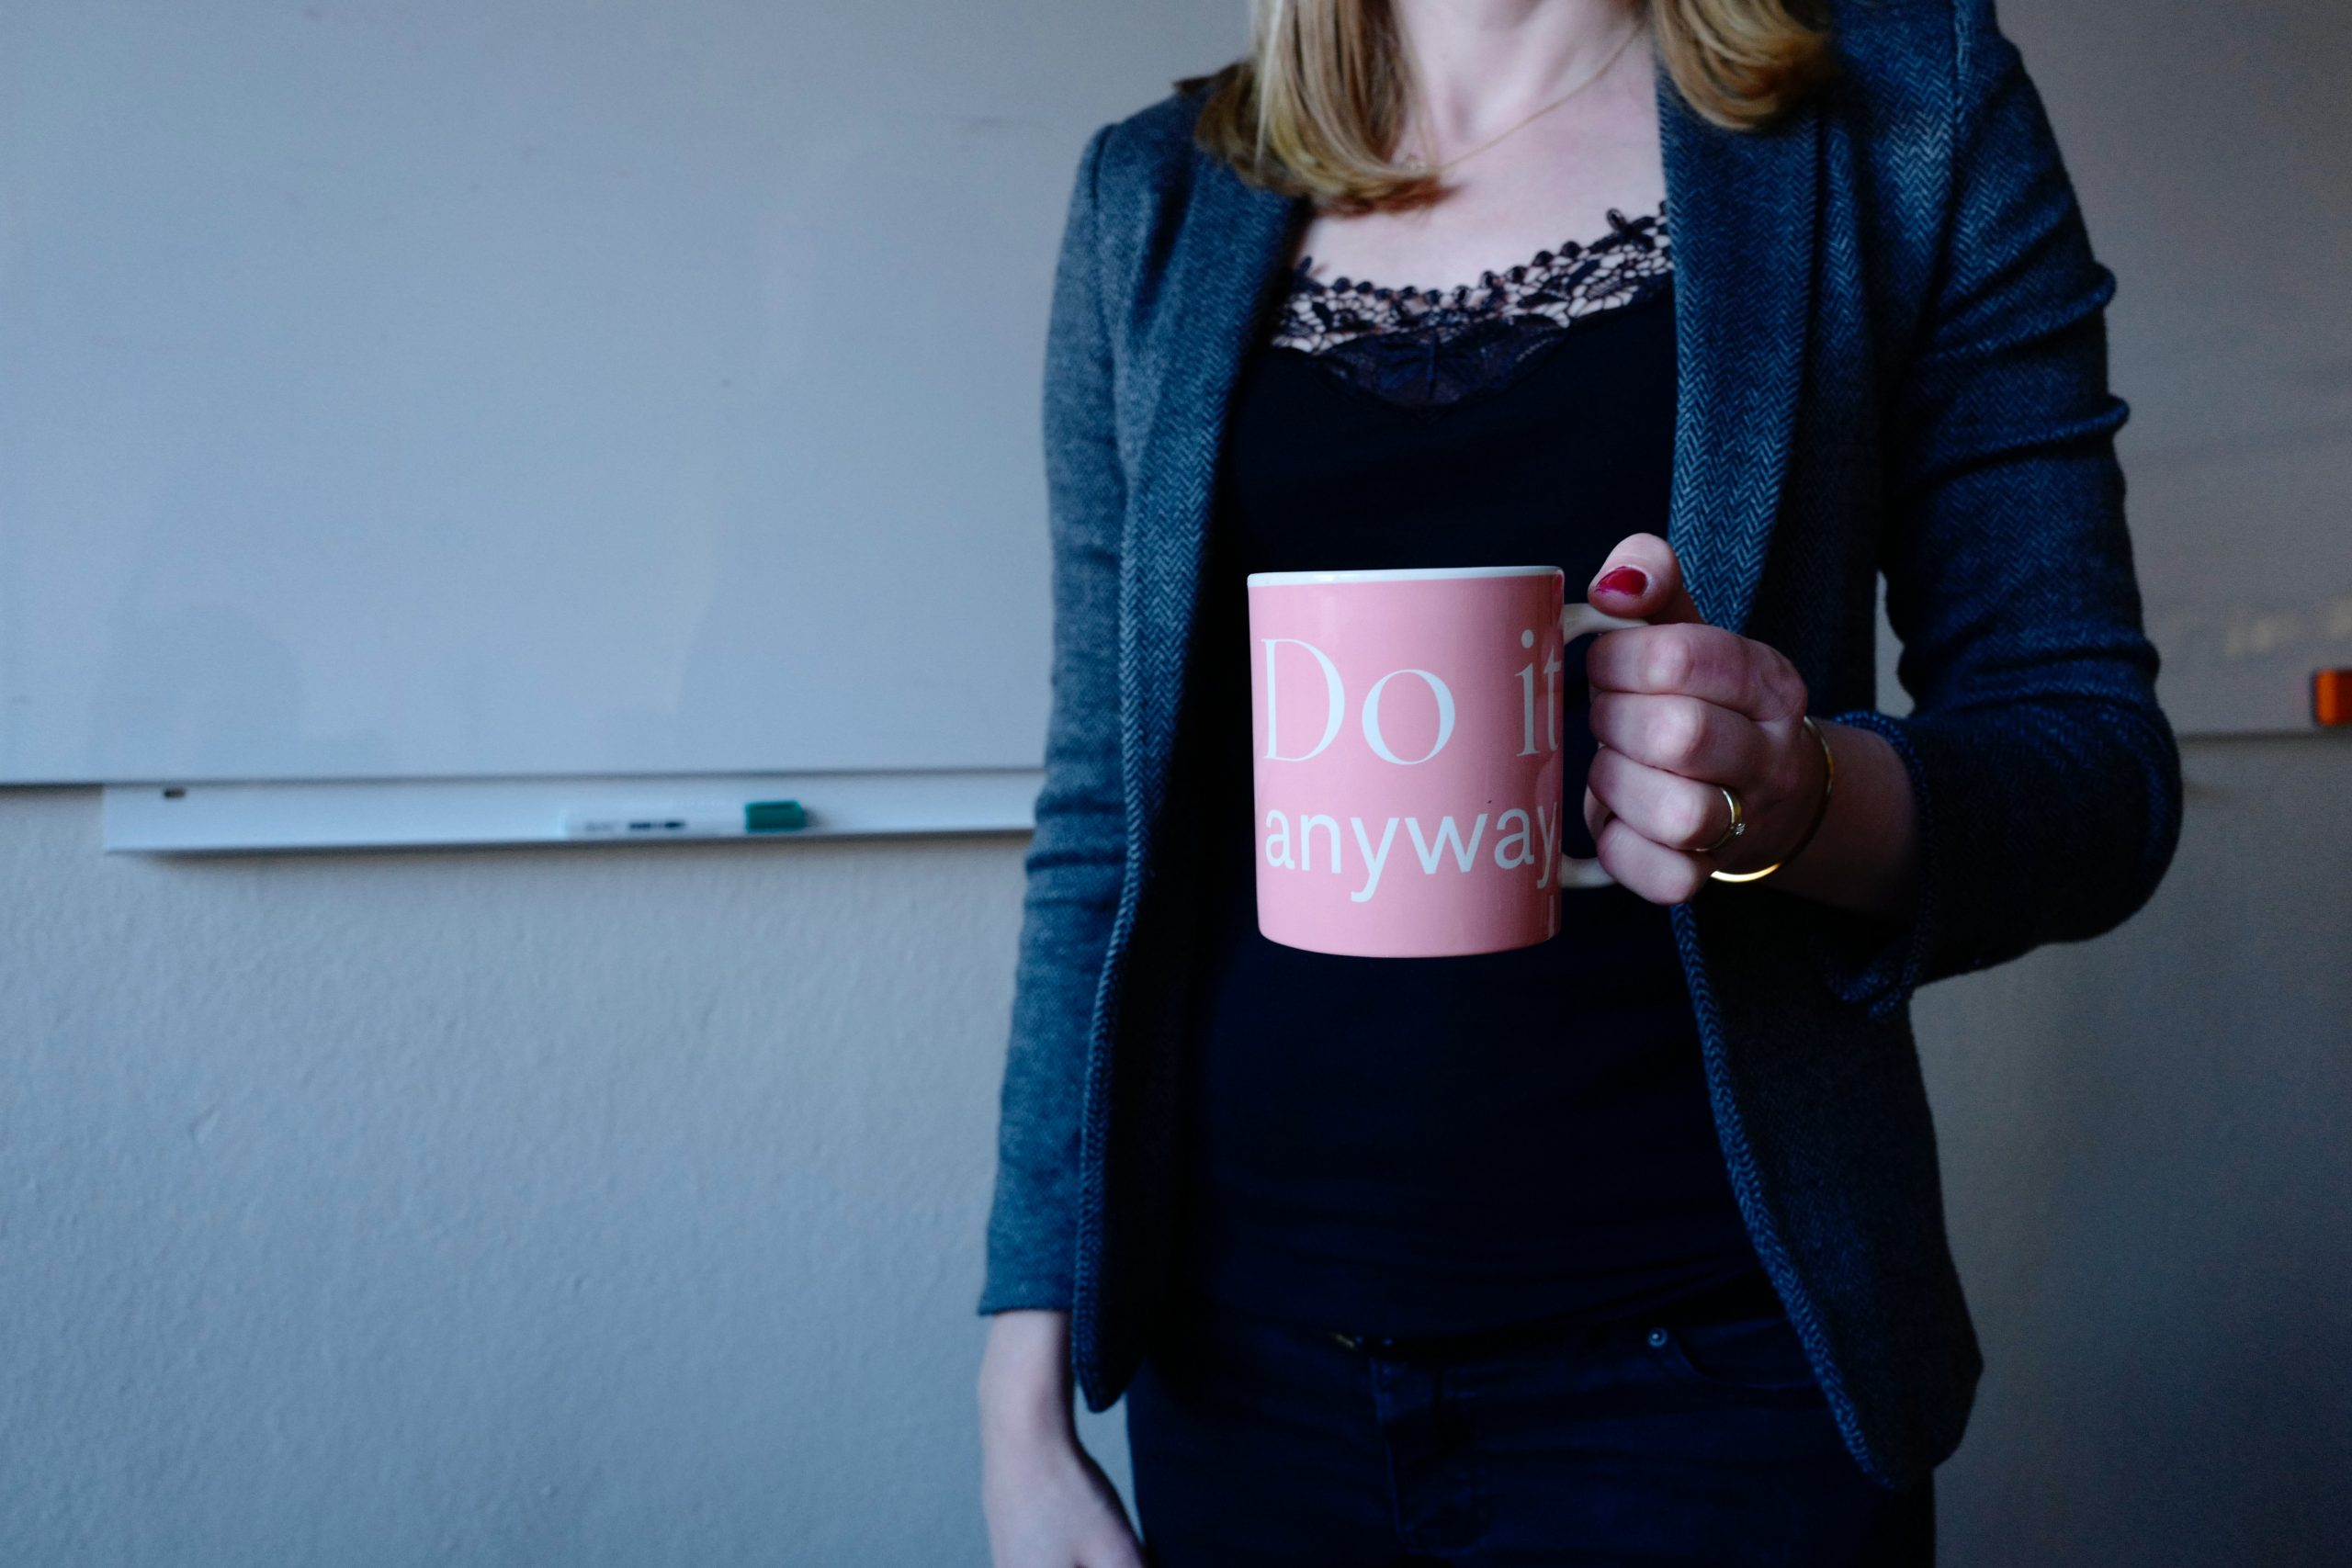 Empoderamento feminino? Líderes femininas, haverá um padrão de sucesso?